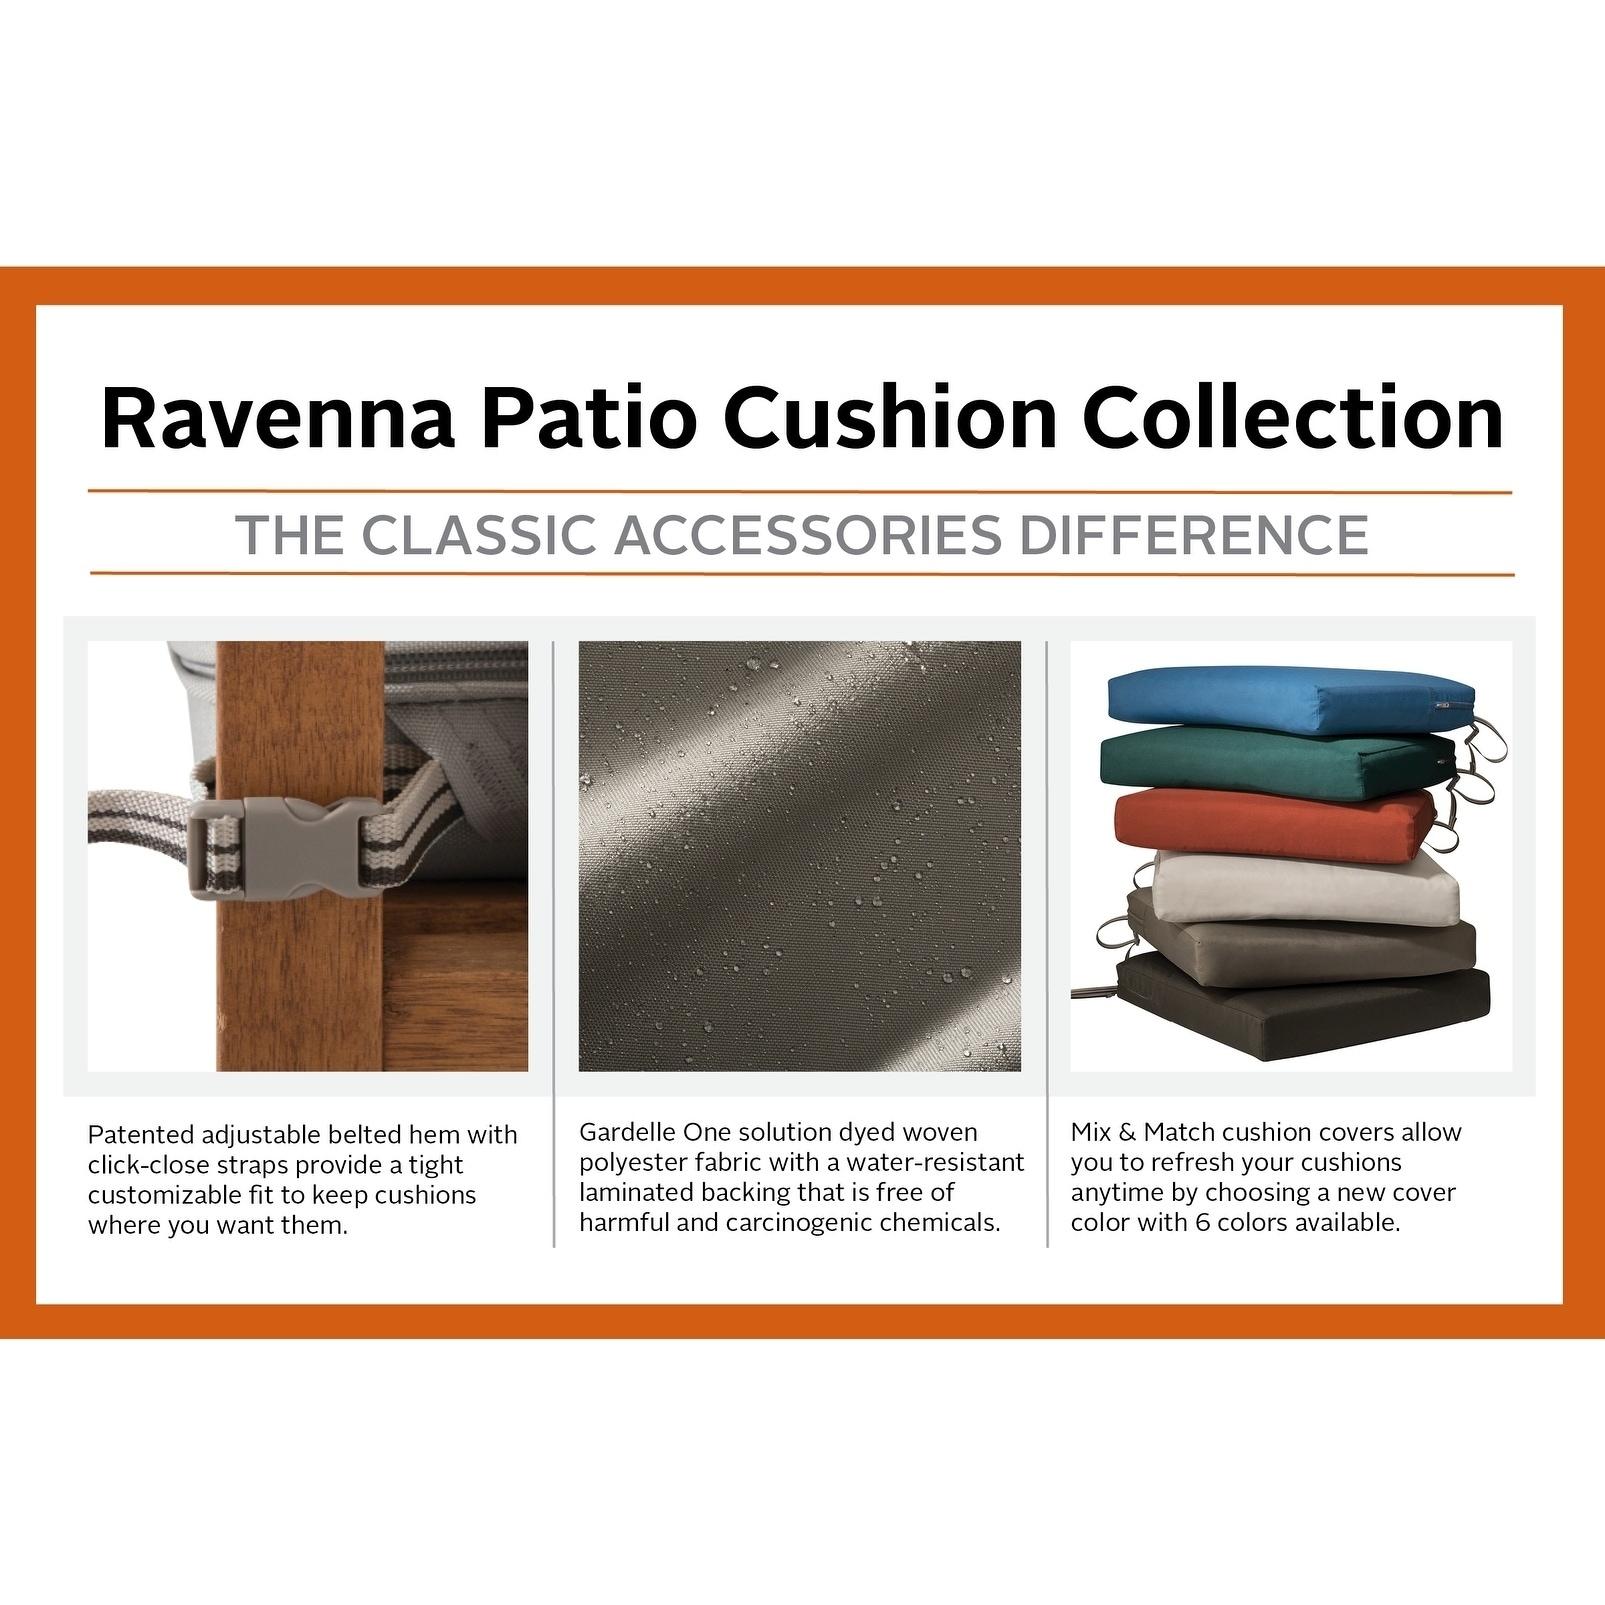 Ravenna Patio Back Cushion Slip Cover 21 L X 20 W X 4 T 21 L X